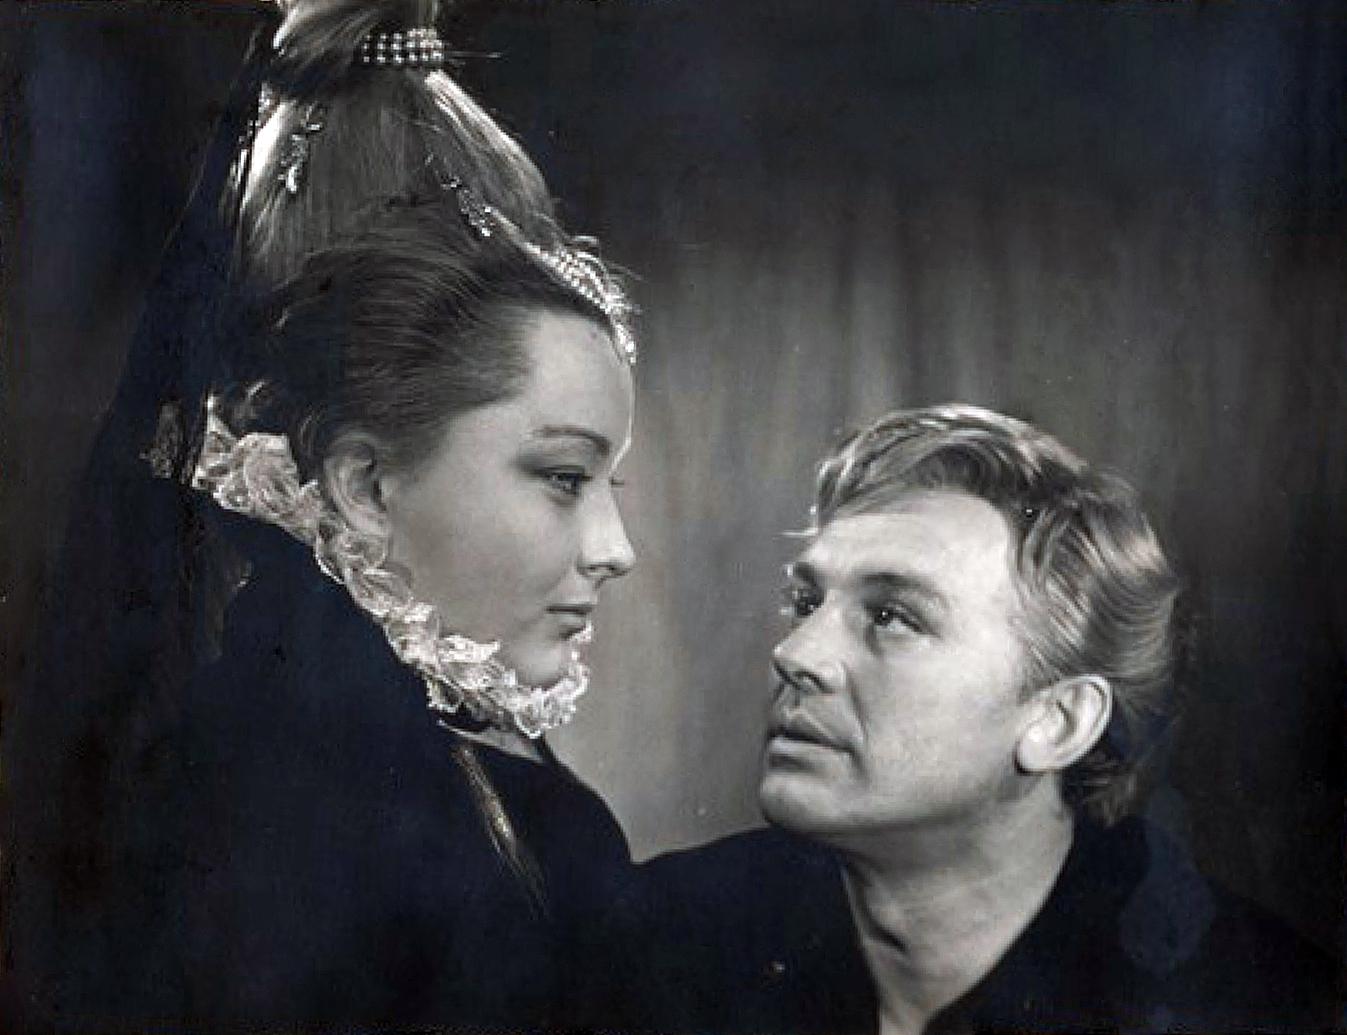 Рисунок 5. Гамлет и Офелия (Смоктуновский и Вертинская).